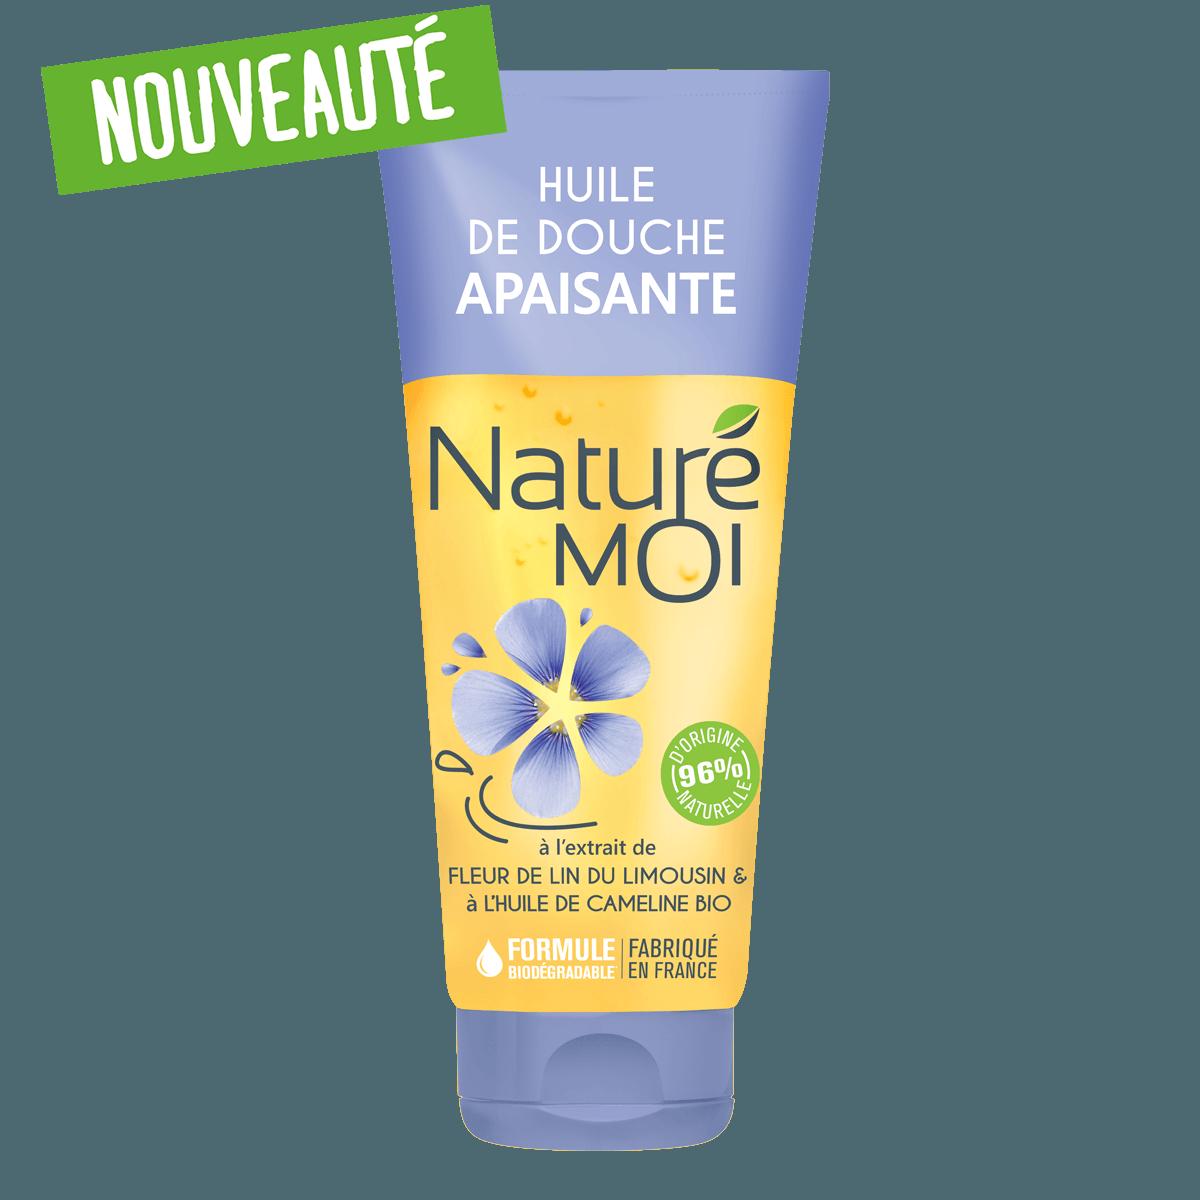 Image Huile de Douche Apaisante à la fleur de Lin du Limousin et à l'huile de Cameline BIO